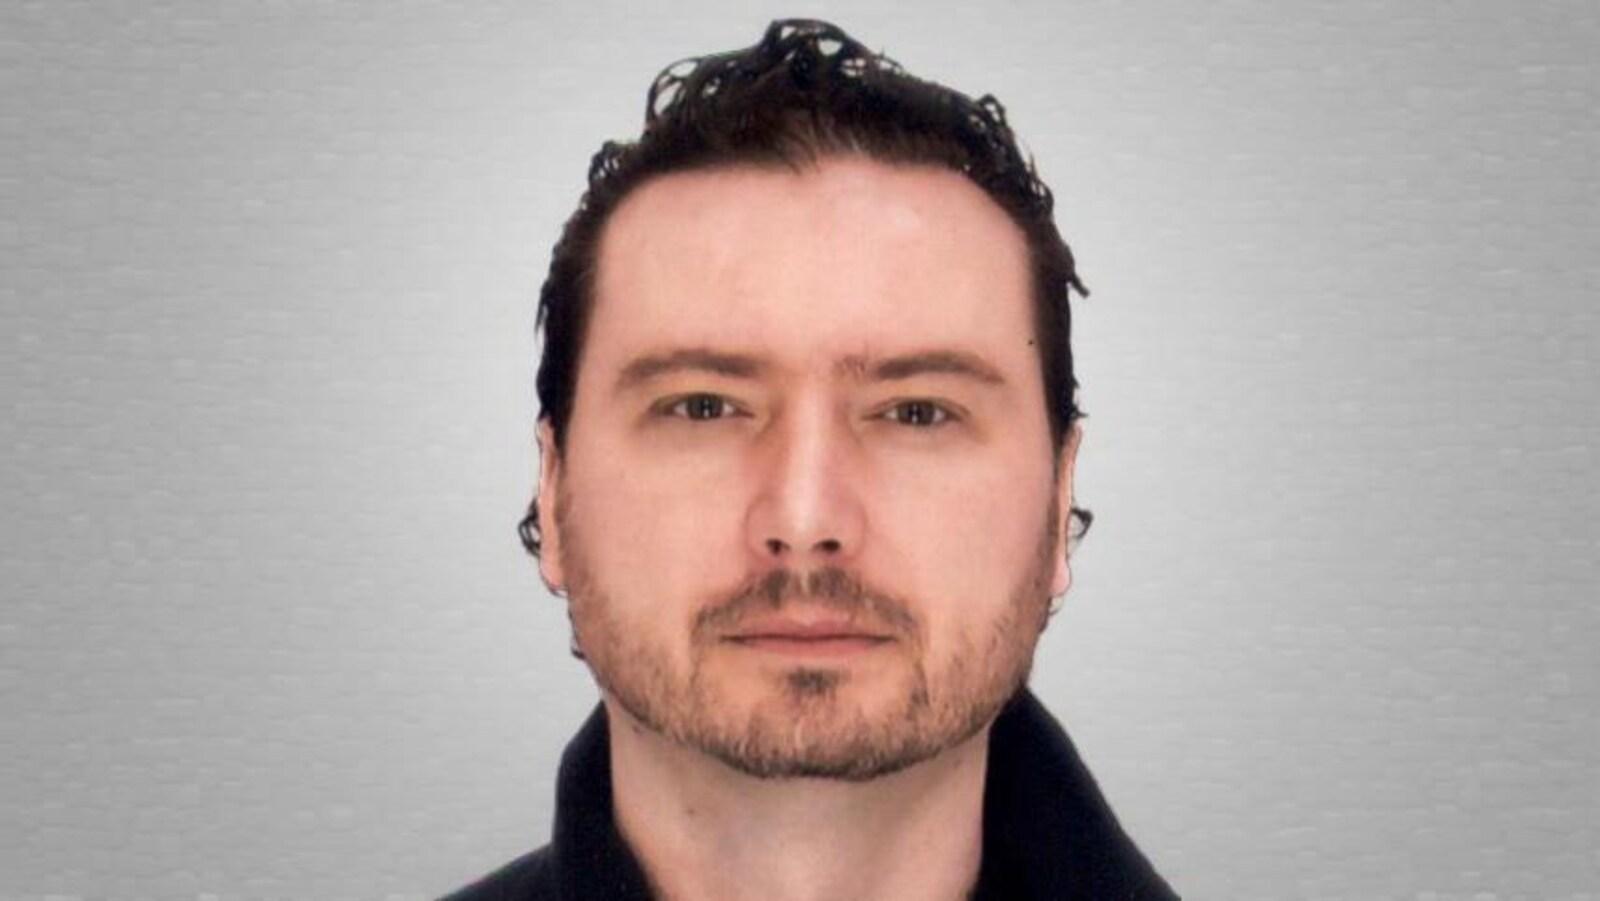 Wojciech Grzesiowsk